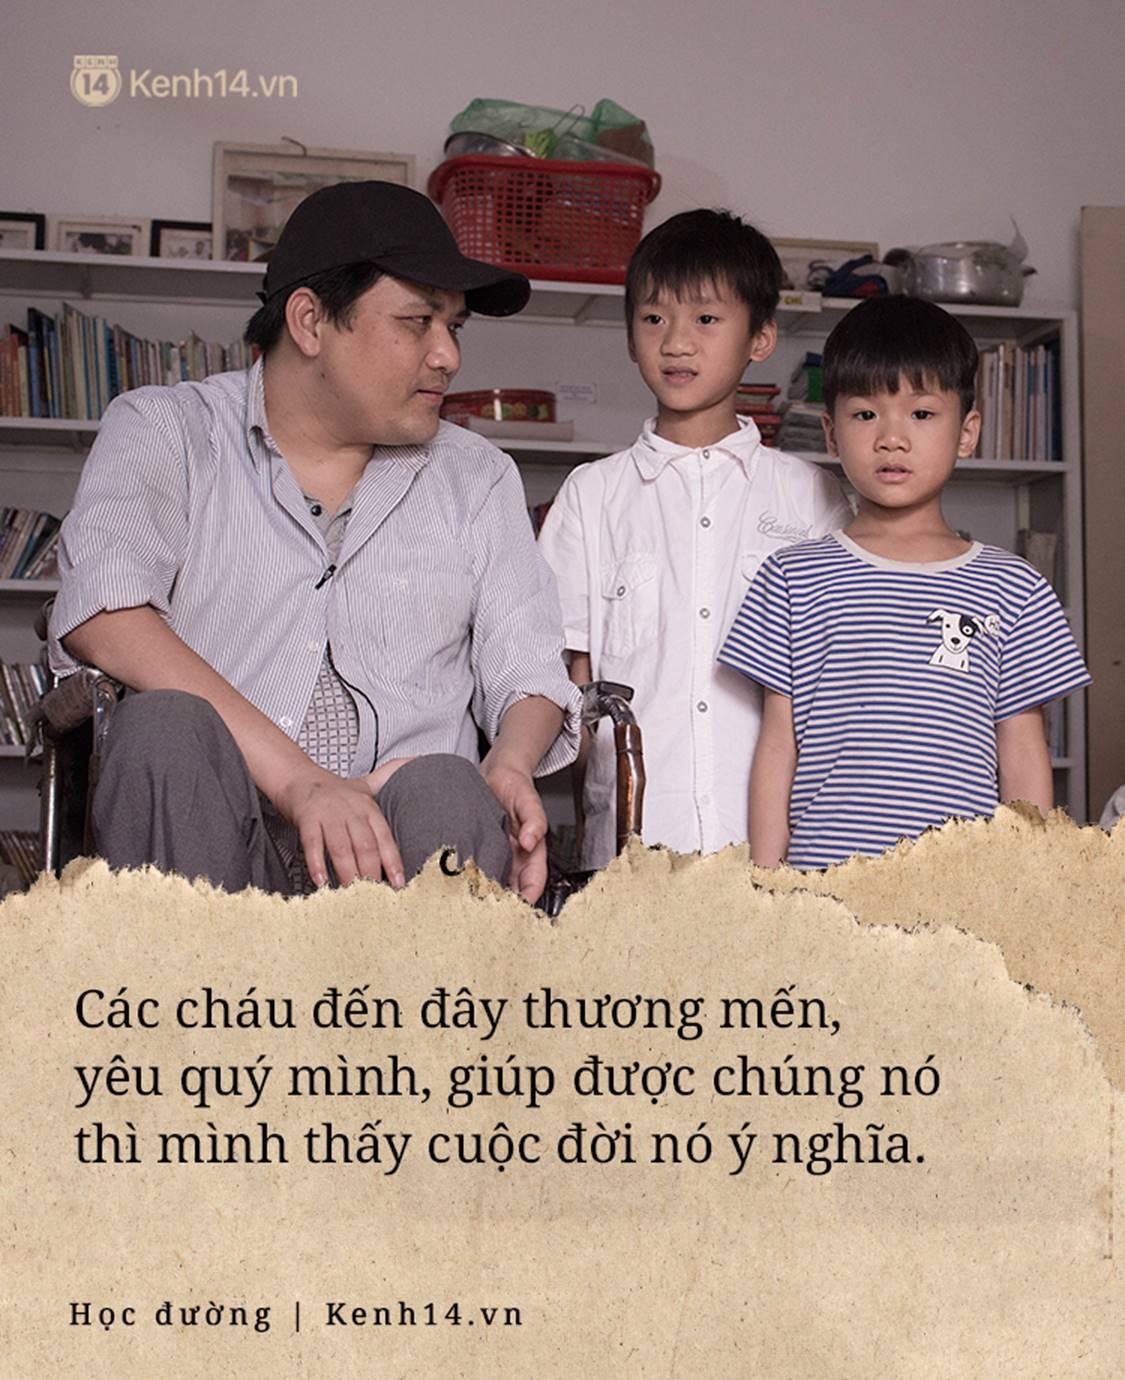 Chuyện về người thầy liệt tay chân, viết chữ bằng miệng vẫn dạy học cho trẻ em nghèo: Tôi không đi chữa bệnh vì có xu nào dành hết cho con ăn học-7